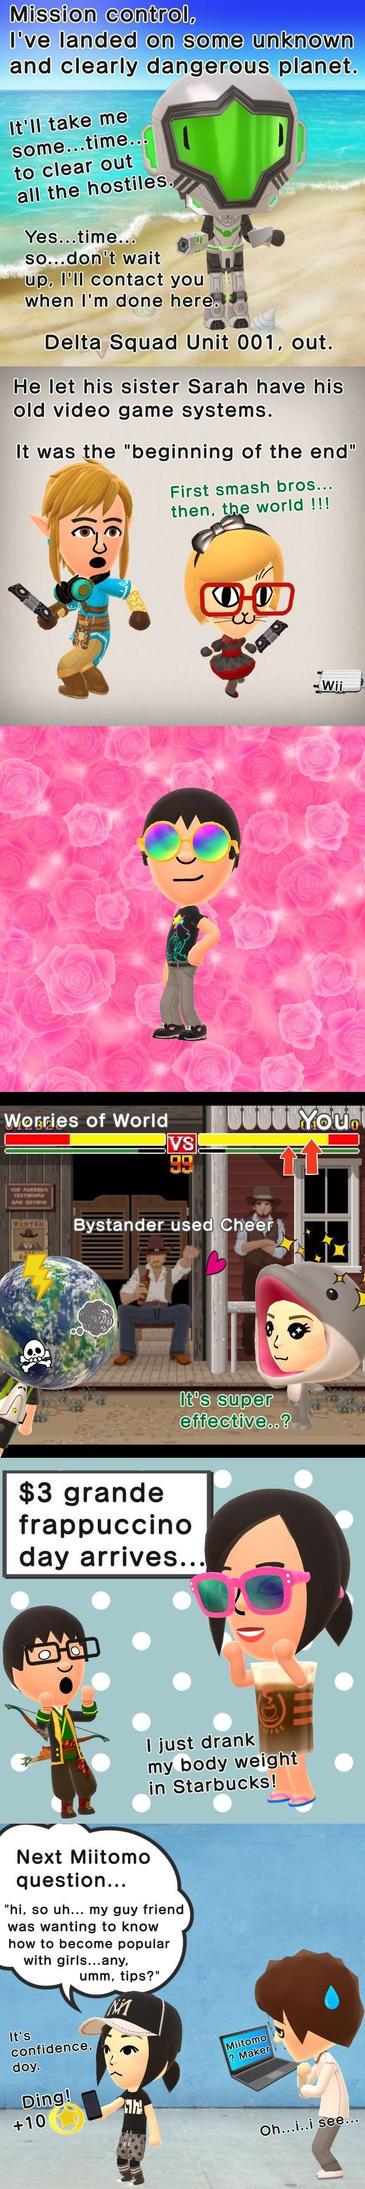 Miitomo Compilation by NintendoFanYes